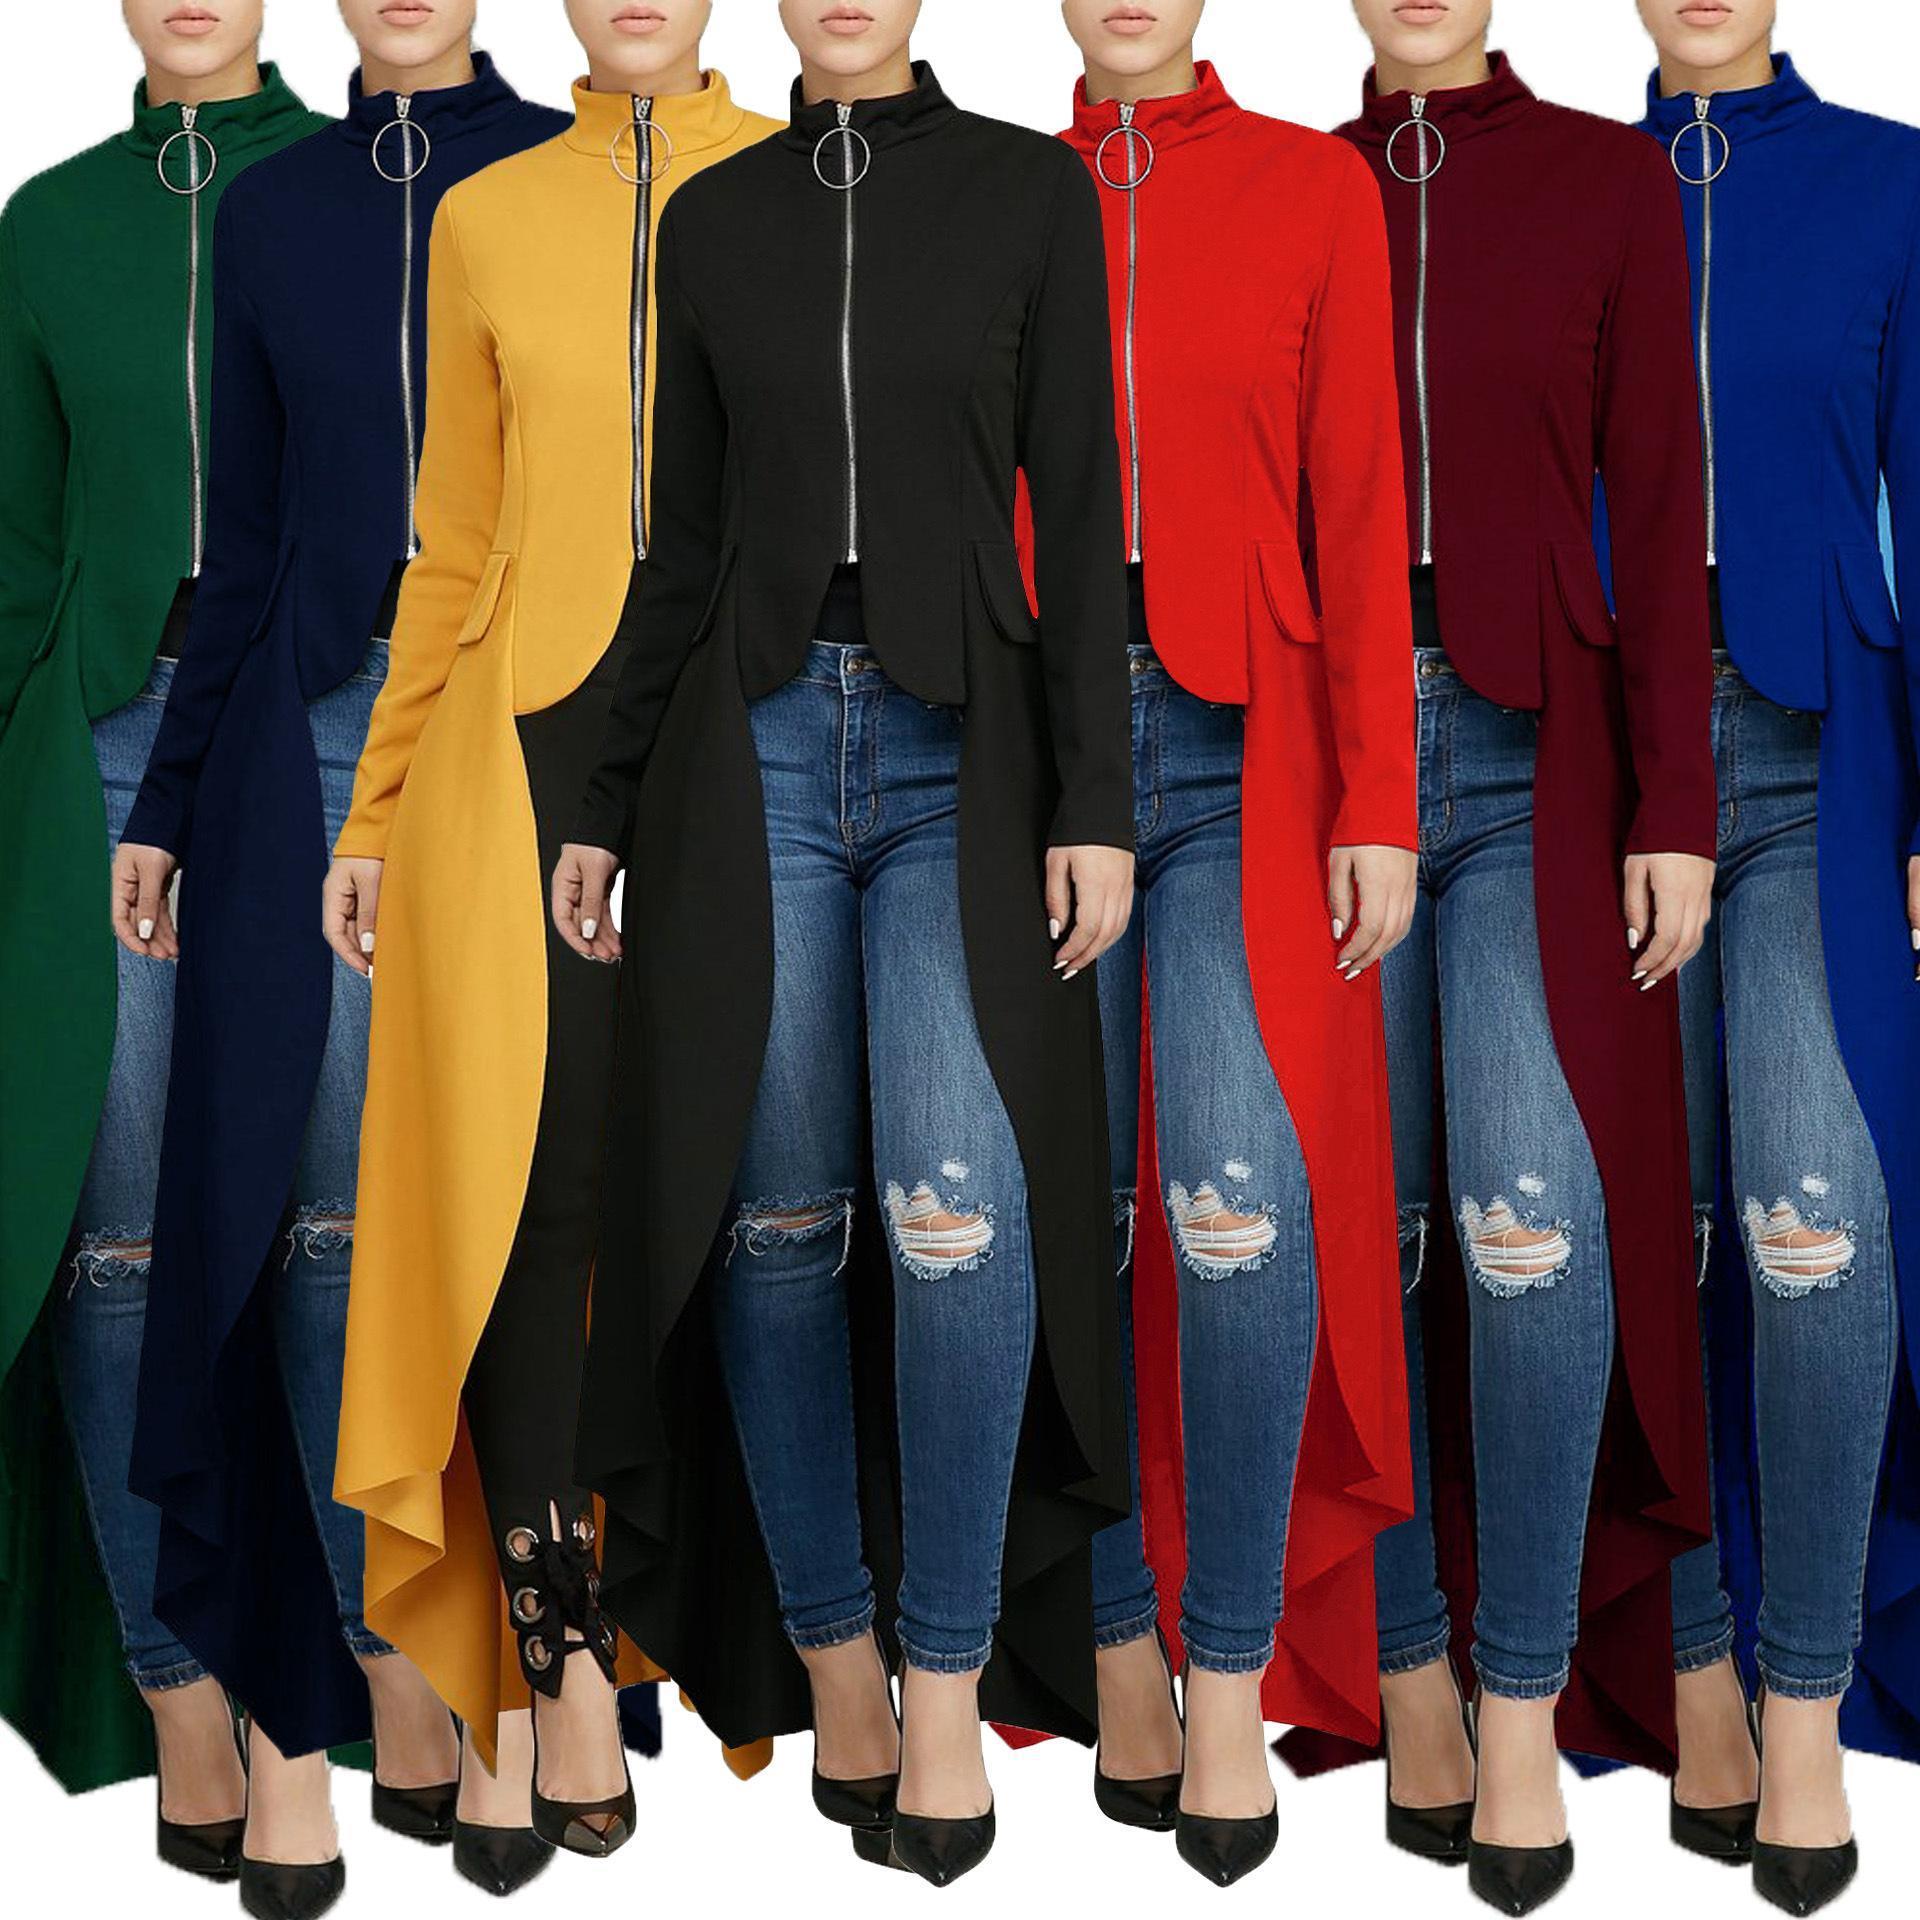 Kadınlar Tasarımcı Katı Renk Uzun İlkbahar Sonbahar Wear Giyinme Slim Fit Düzensiz Elbise Vestidoes Kadınlar Clothes